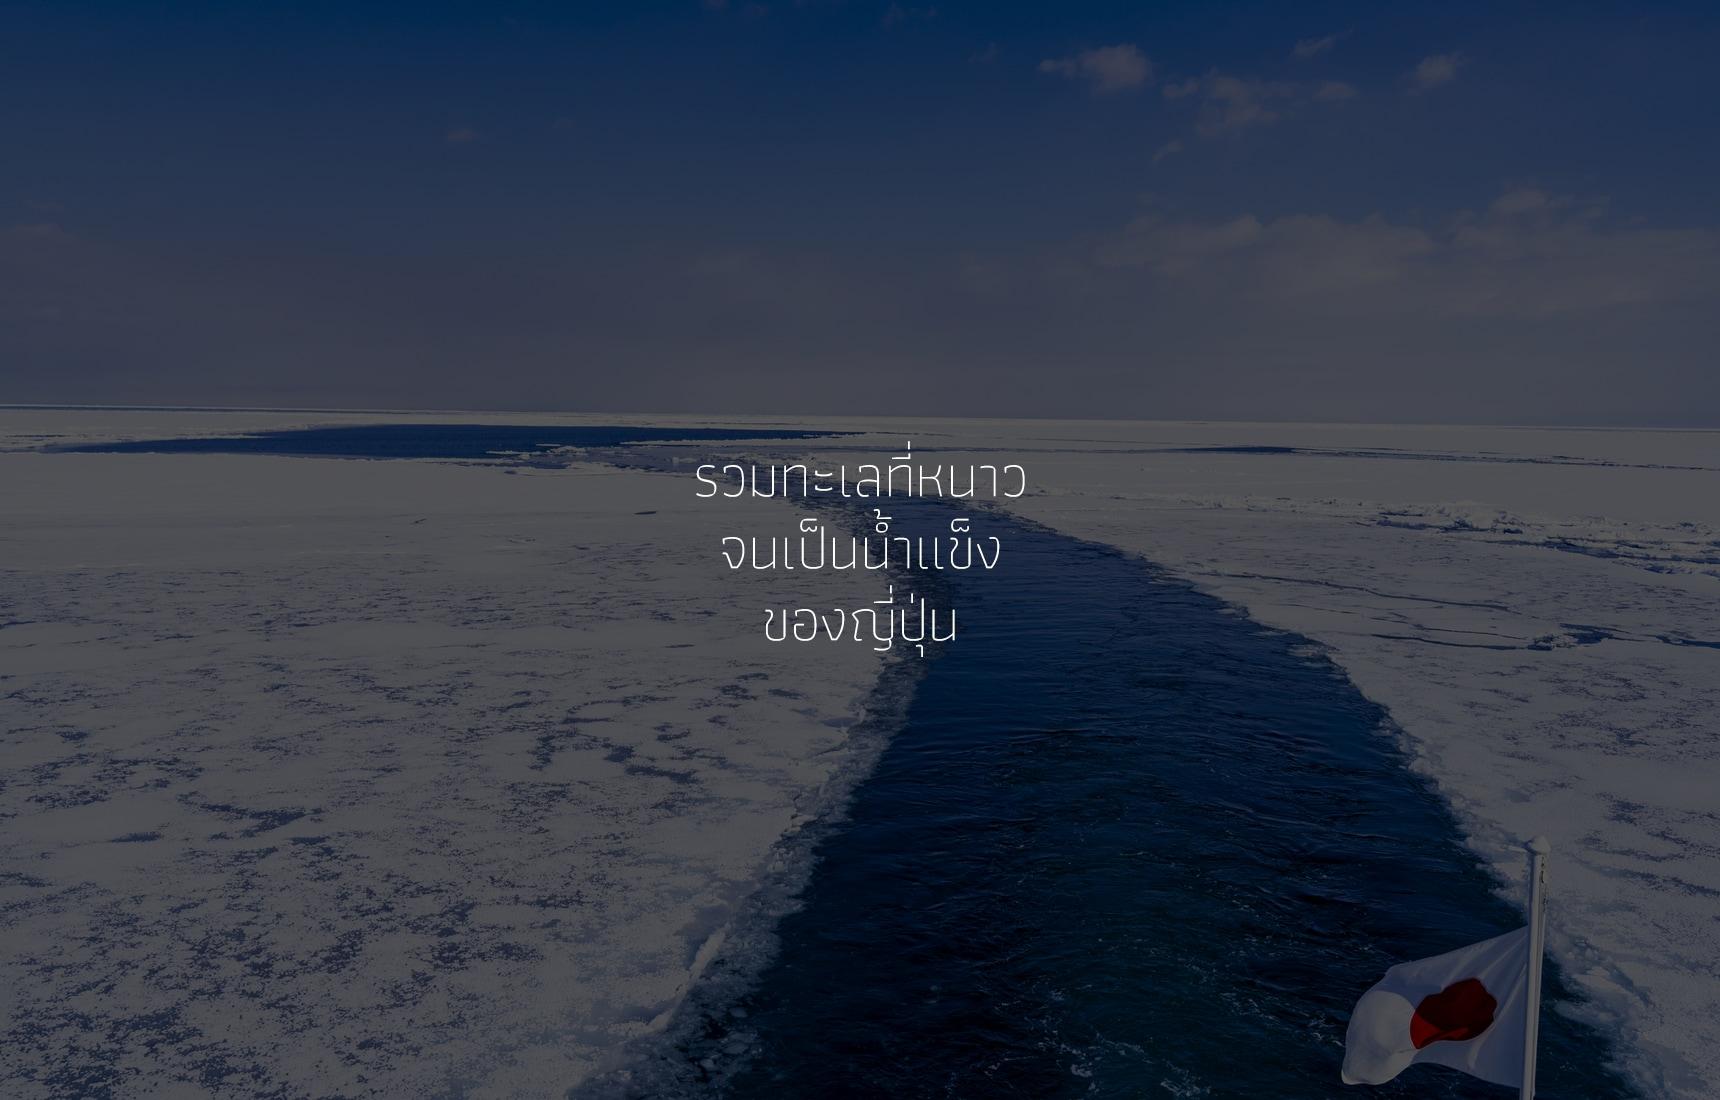 รวมทะเลที่หนาวจนเป็นน้ำแข็งของญี่ปุ่น 5 แห่ง